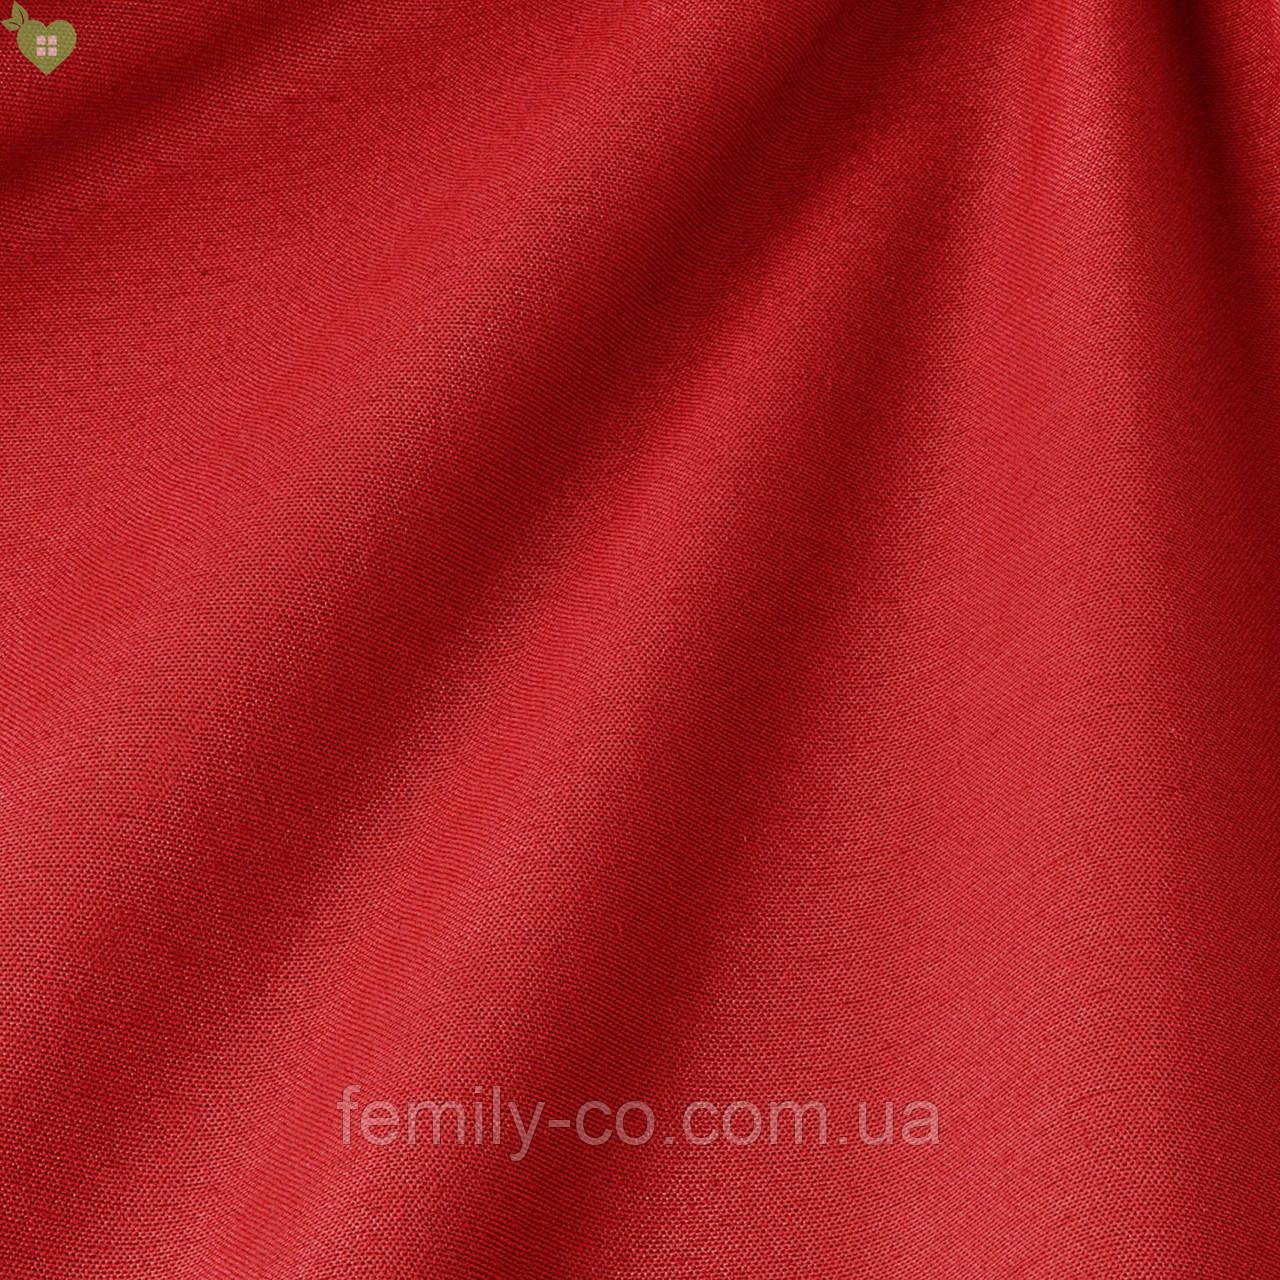 Однотонная декоративная ткань люминесцентно-красного цвета Испания 82755v59